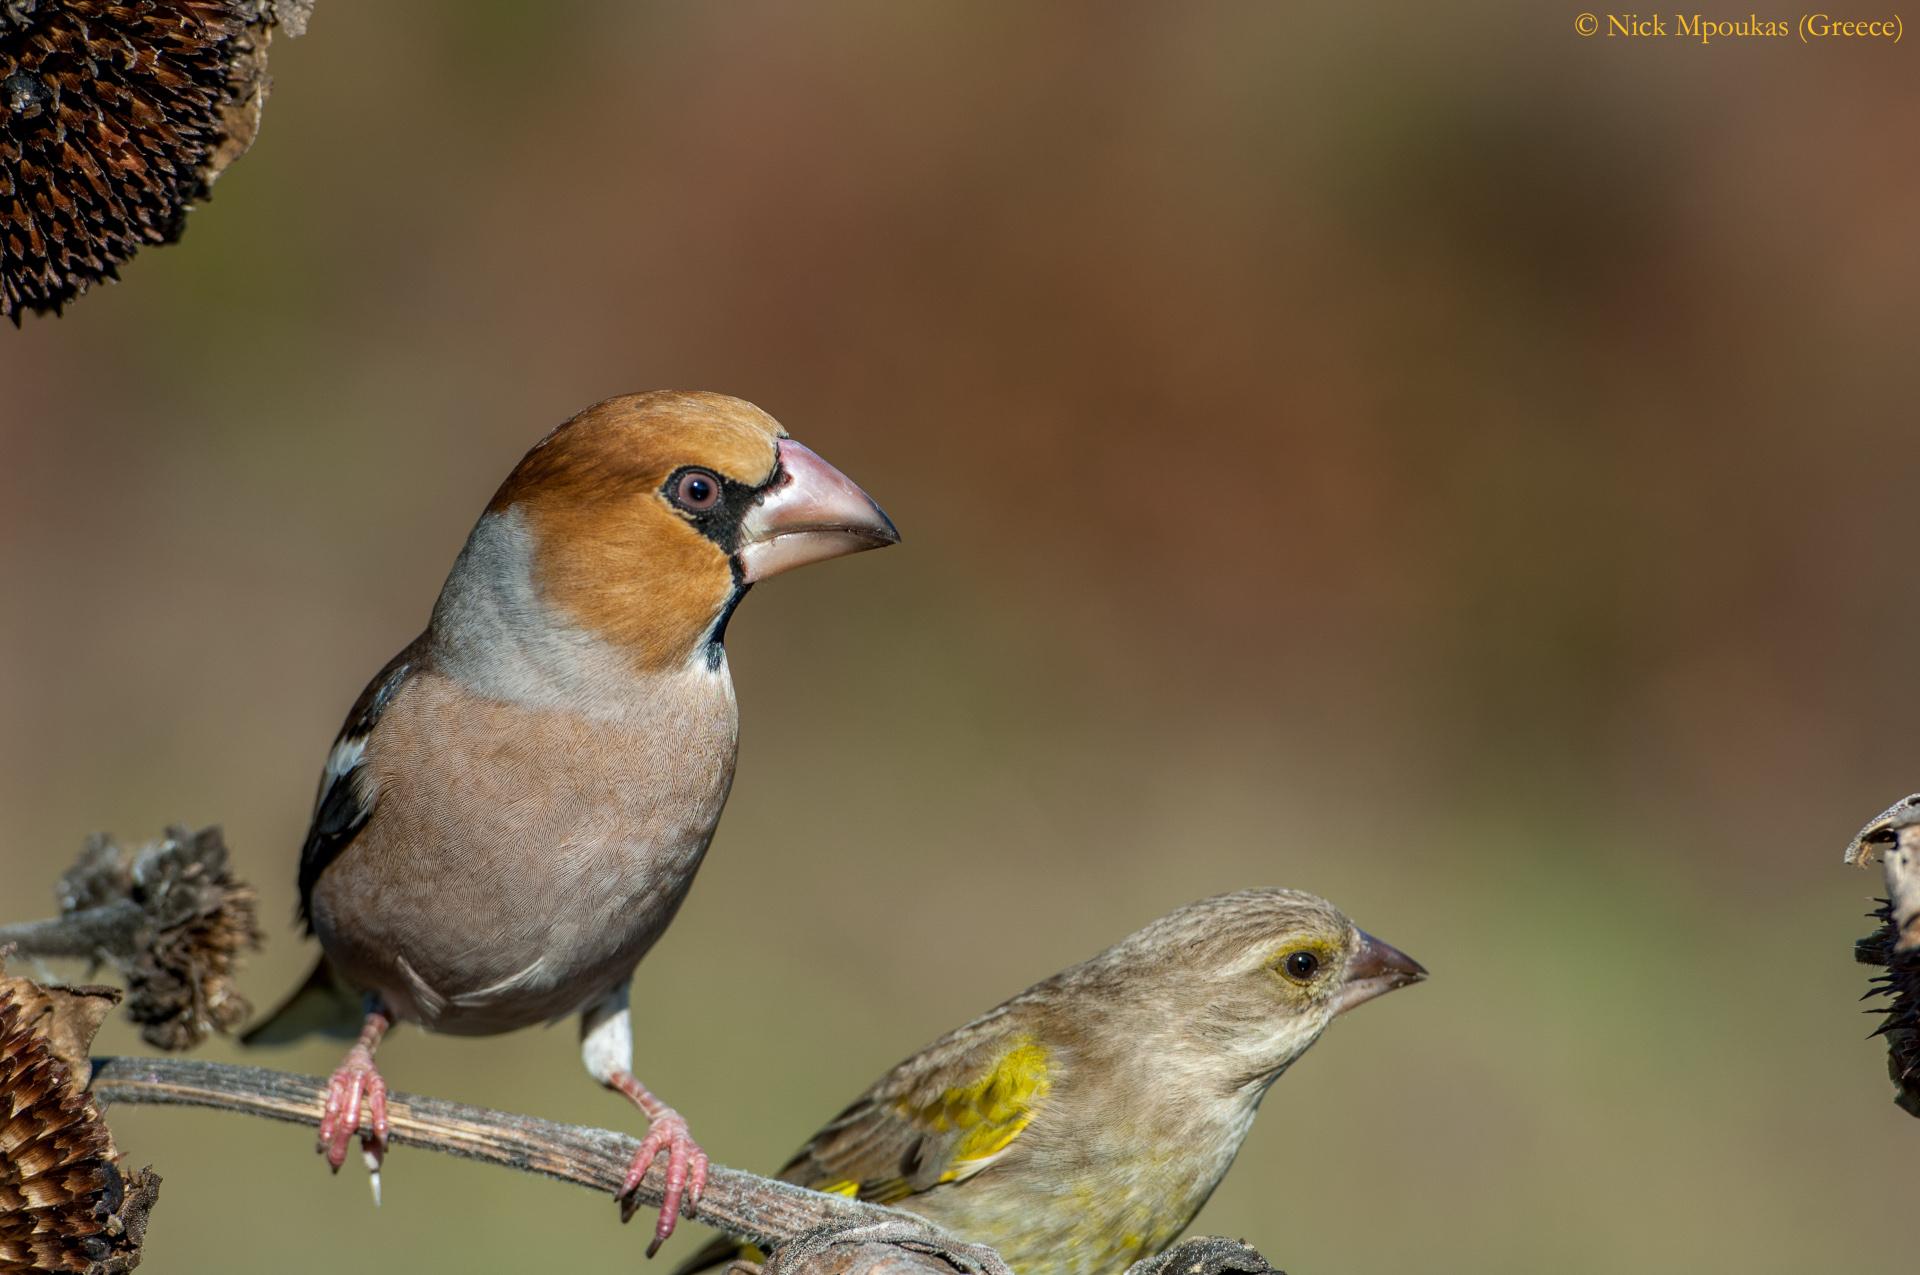 Σπάνια πουλιά στα Τζουμέρκα/Rare birds in Tzoumerka